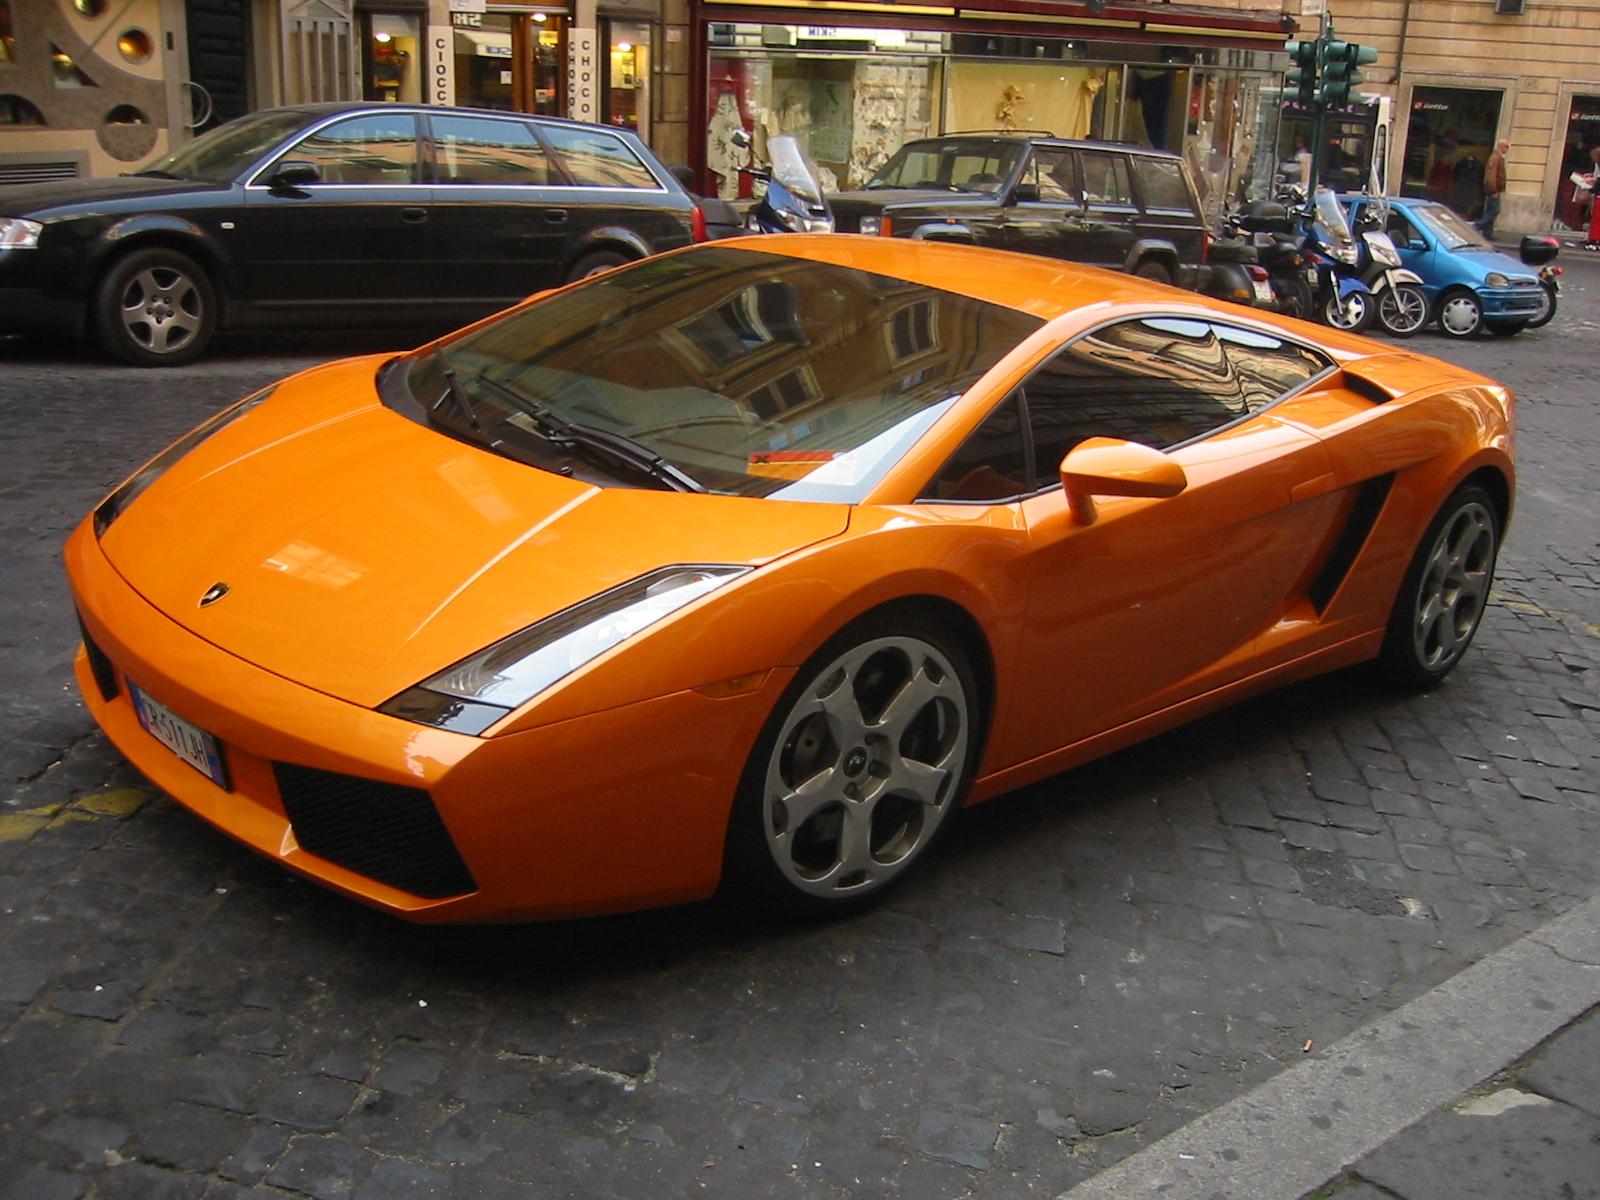 Orange Lamborghini Murcielago